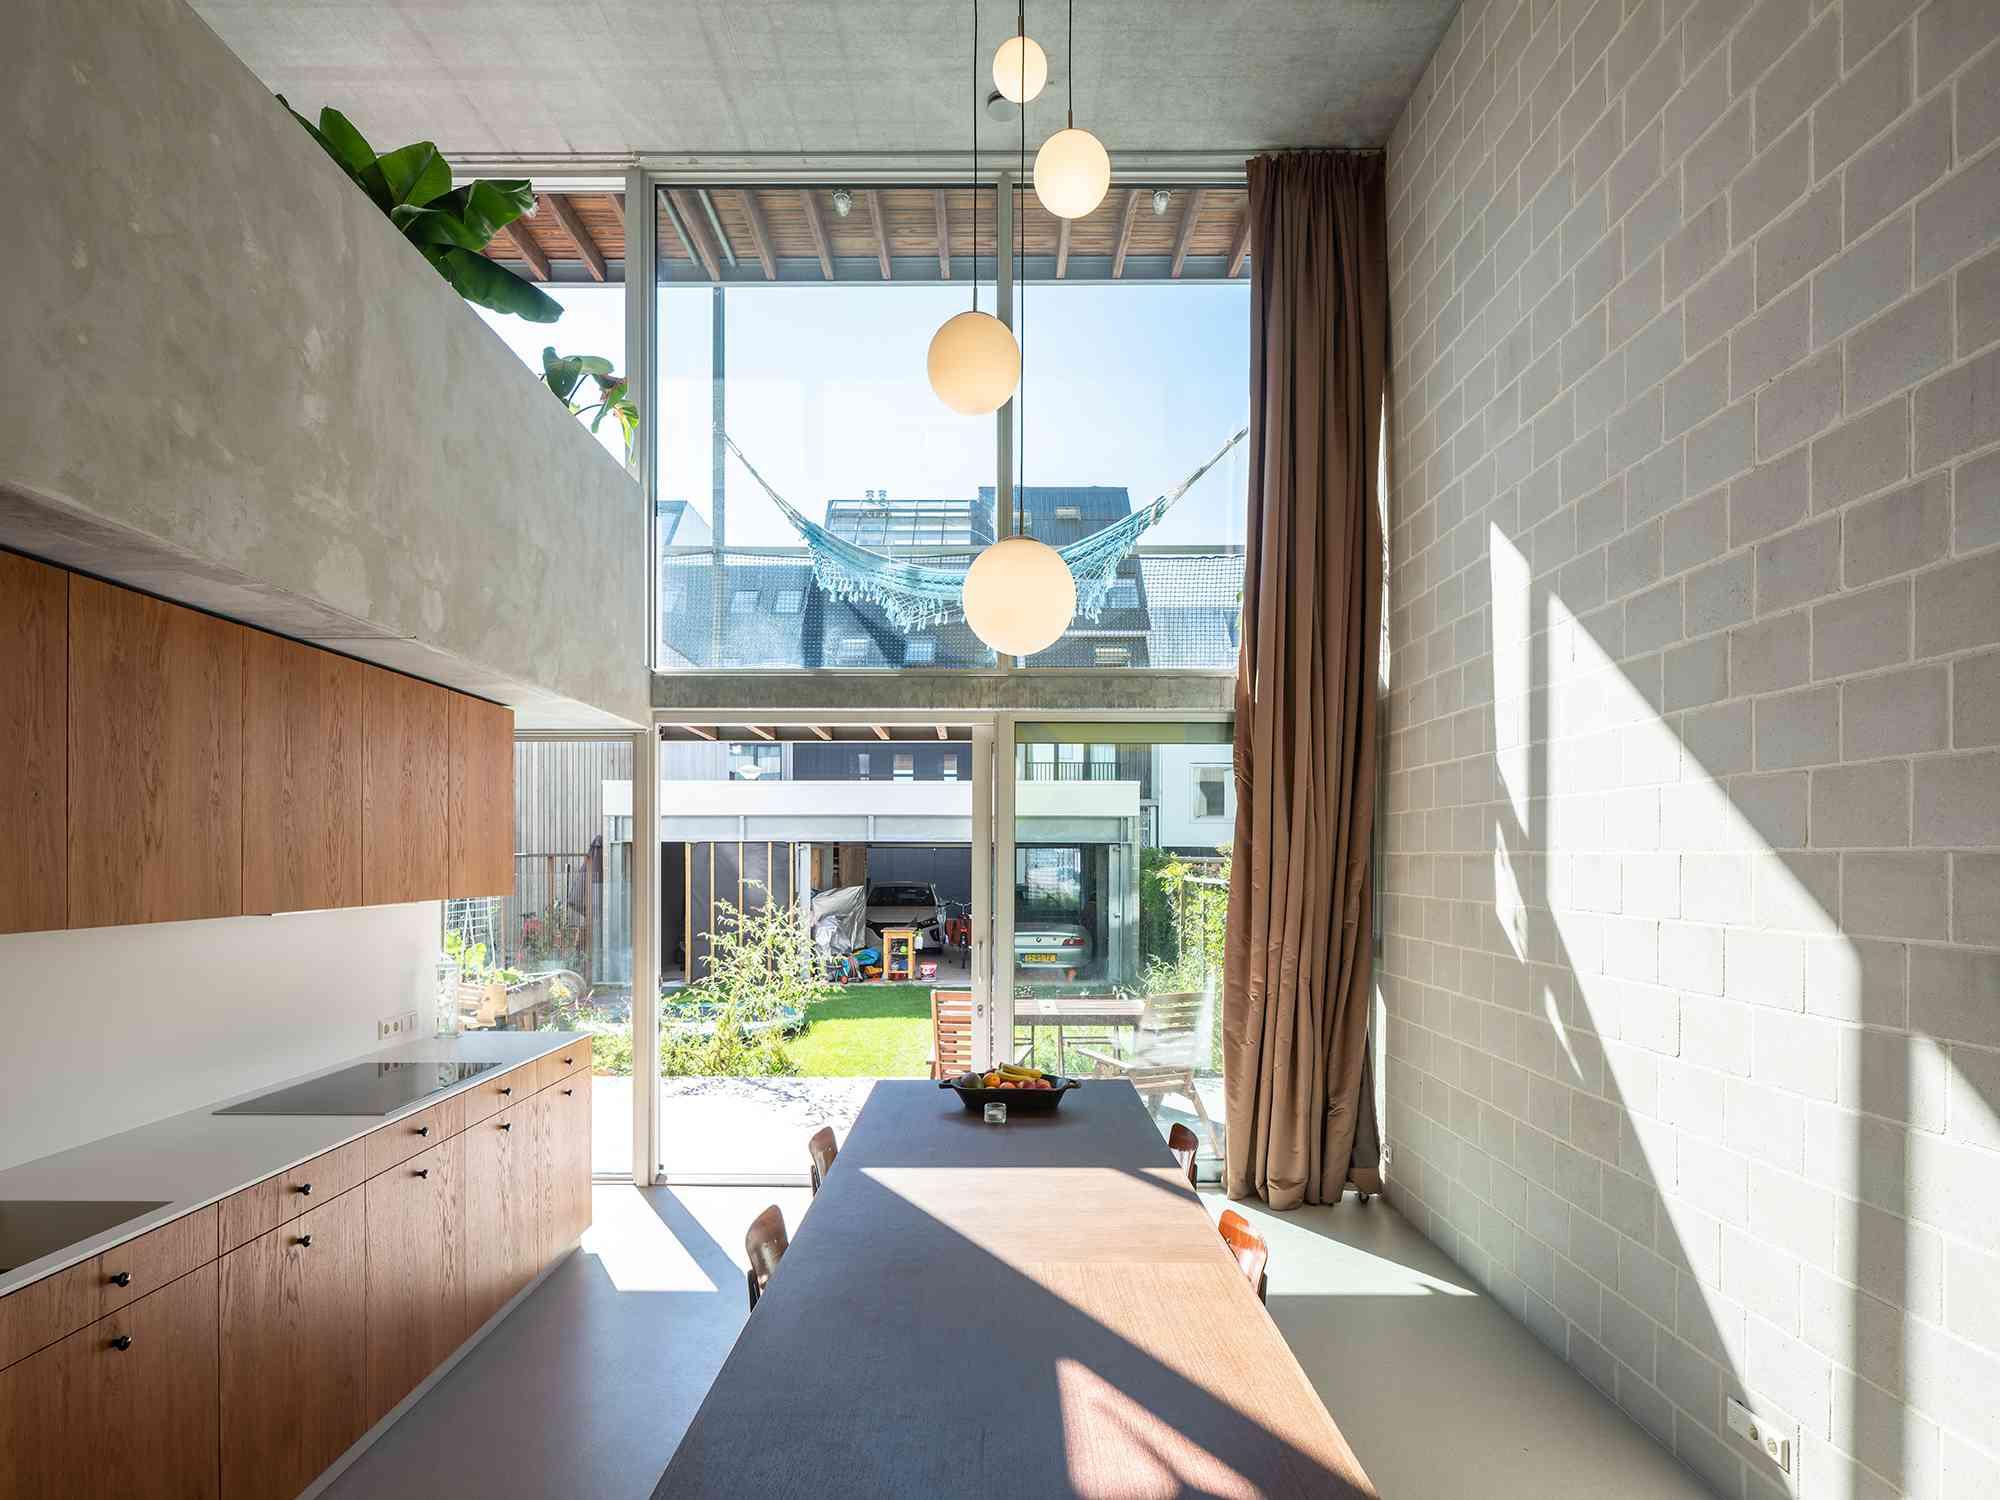 Three Generation House by BETA ground floor kitchen